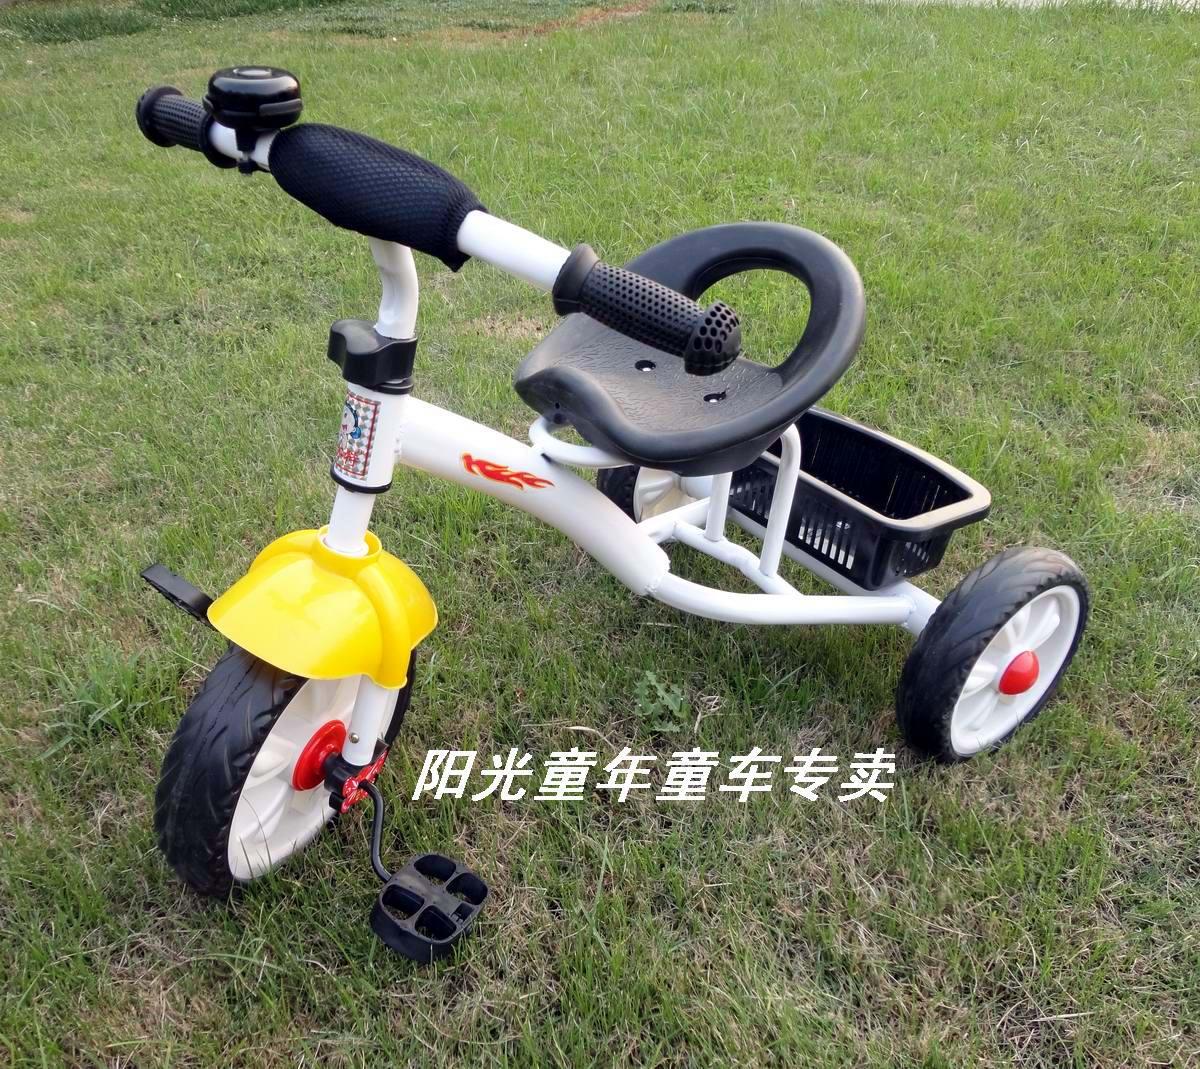 Трехколесный велосипед Foreign trade